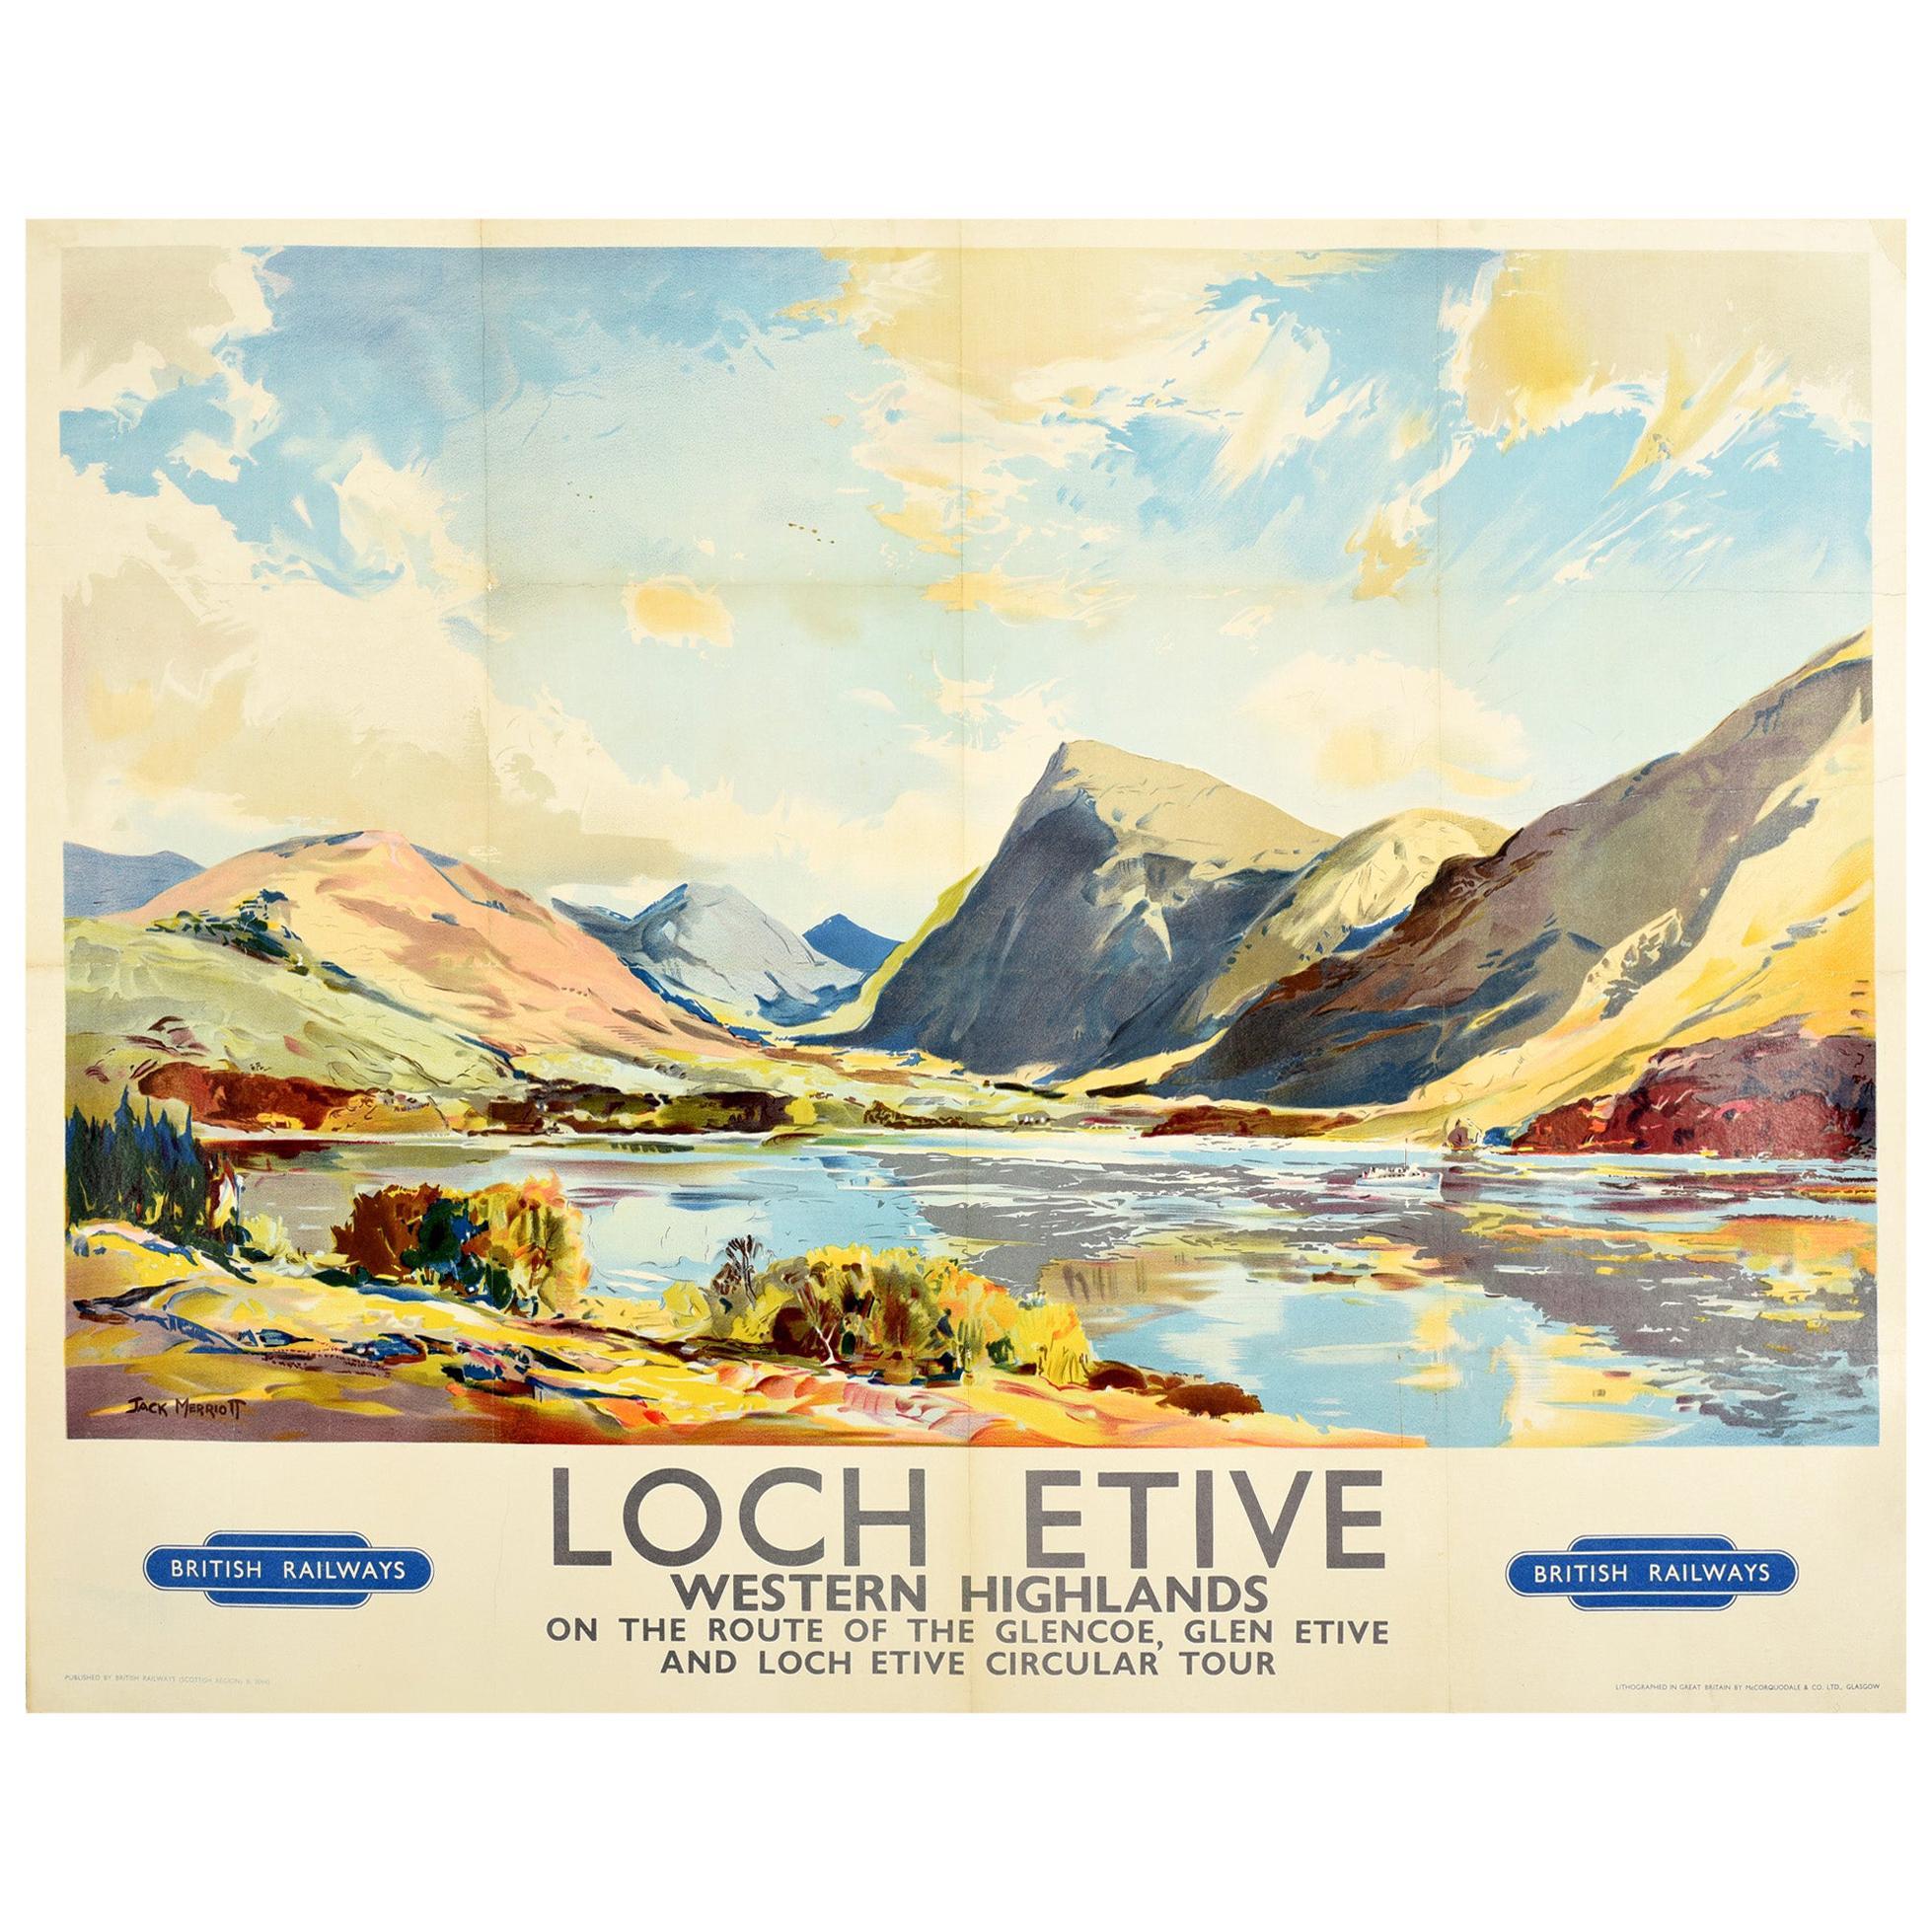 Original Vintage Poster Loch Etive Western Highlands Scotland British Railways